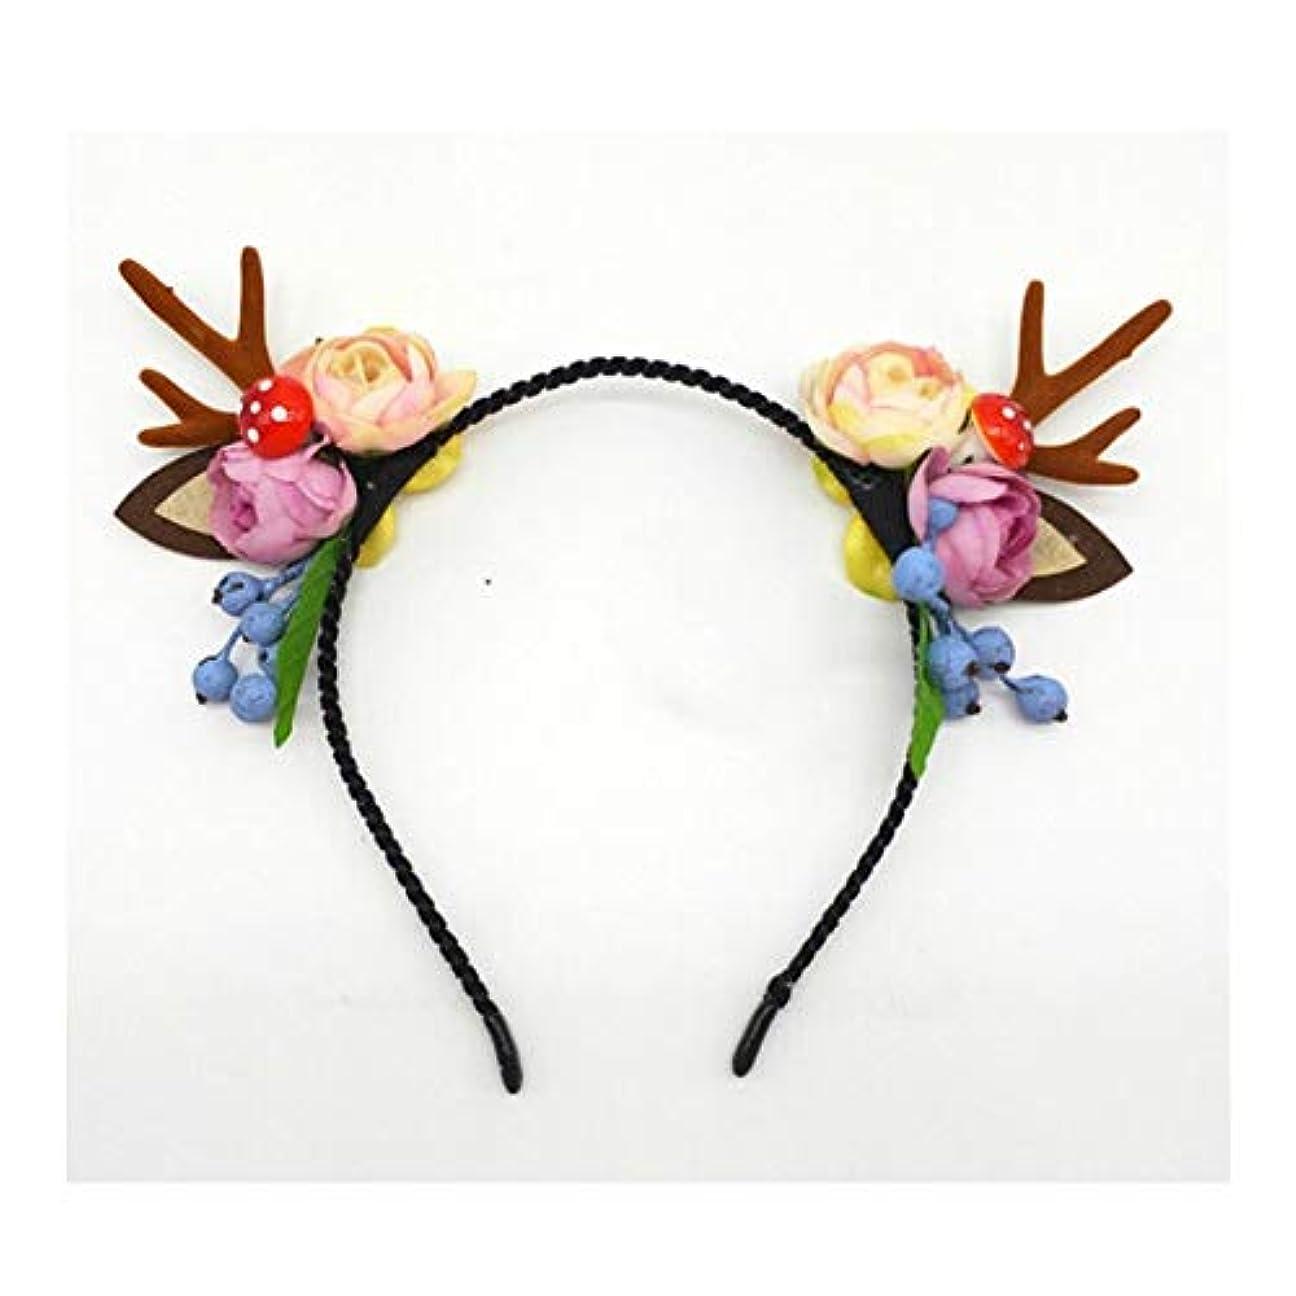 長老頑張るコーンウォールクリスマス枝角ヘッドジュエリーのヘアピン女性セン女性のヘアアクセサリーは、小さなヘラジカヘッドバンド女性茸の耳白い毛玉ヘアピンヘッドバンド (Style : A)